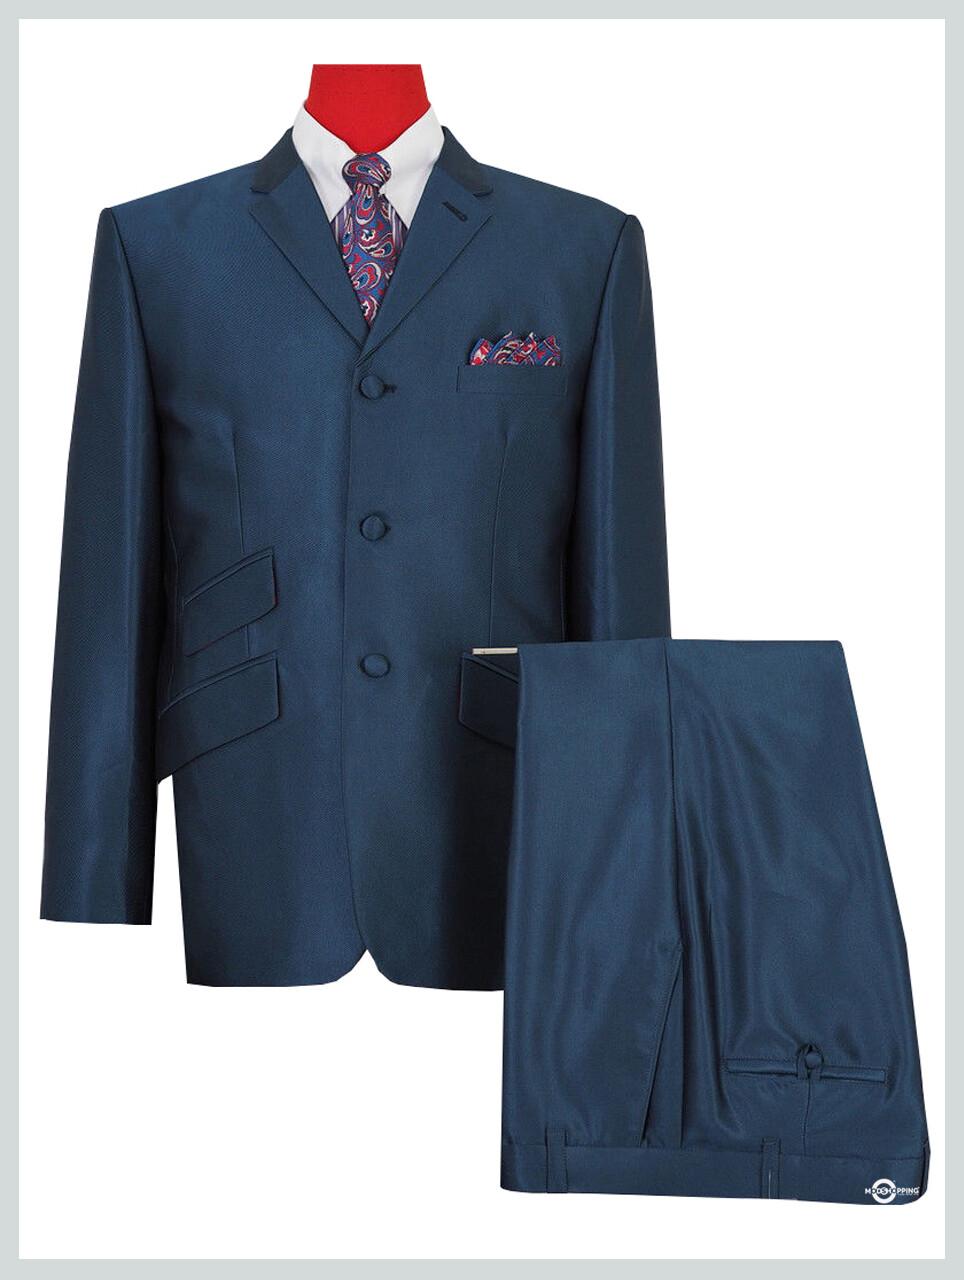 tonic suit|tailored mod fashion 60s 3 button peacock blue tonic suit